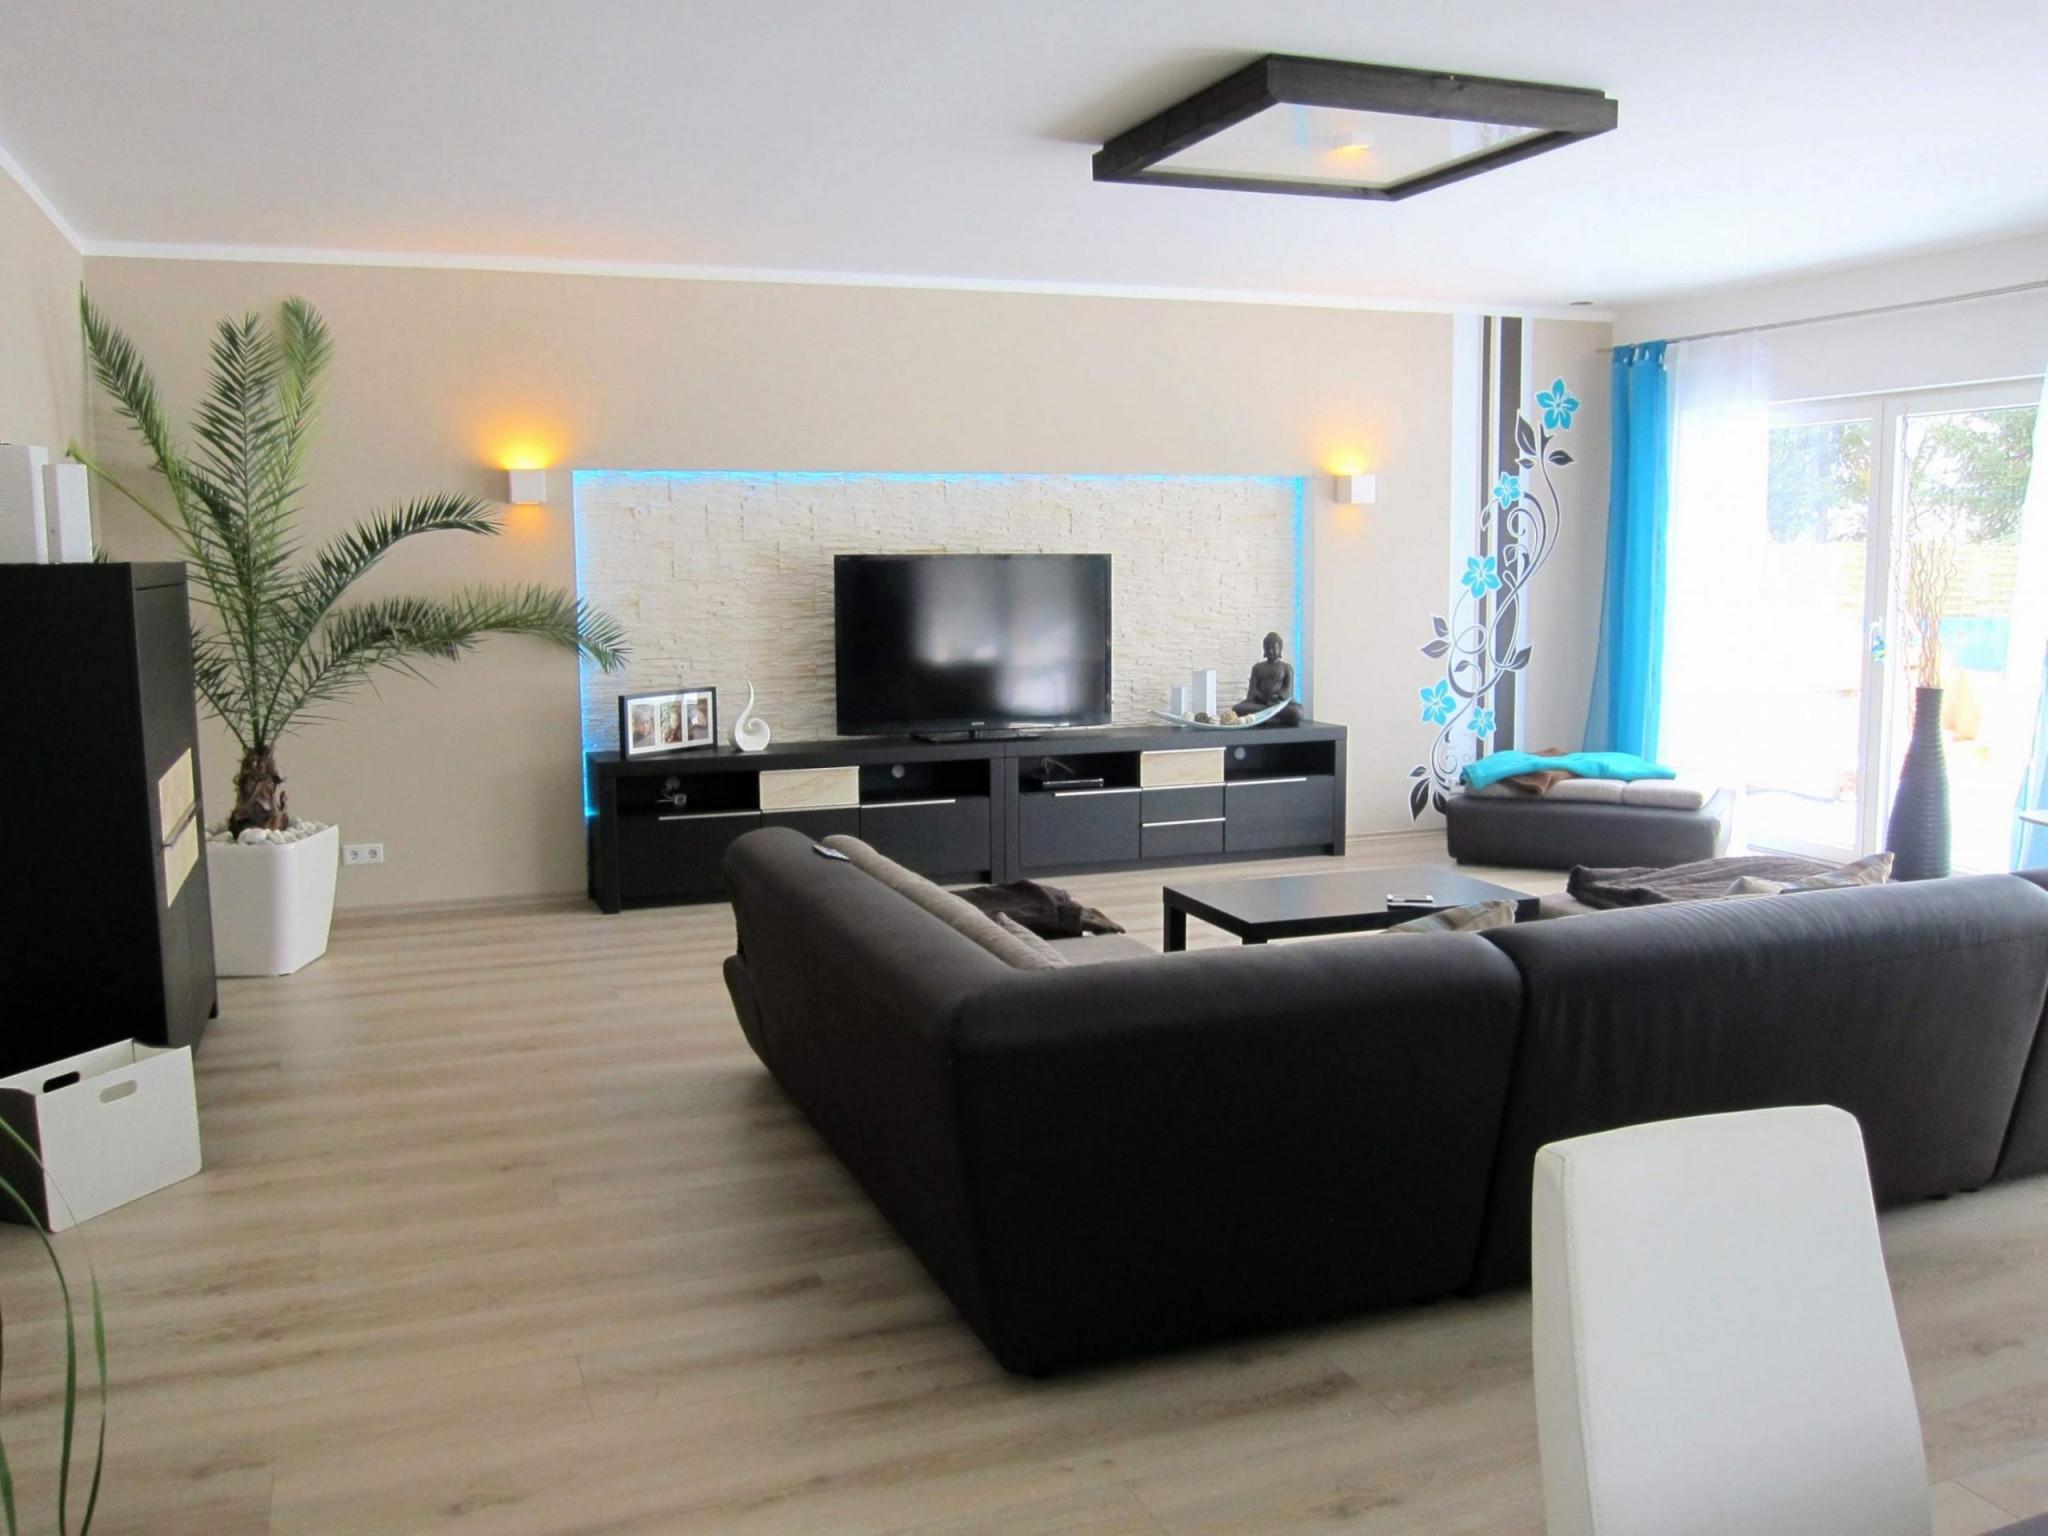 29 Luxus Wohnzimmer Einrichten Ideen Genial  Wohnzimmer Frisch von Luxus Wohnzimmer Ideen Bild